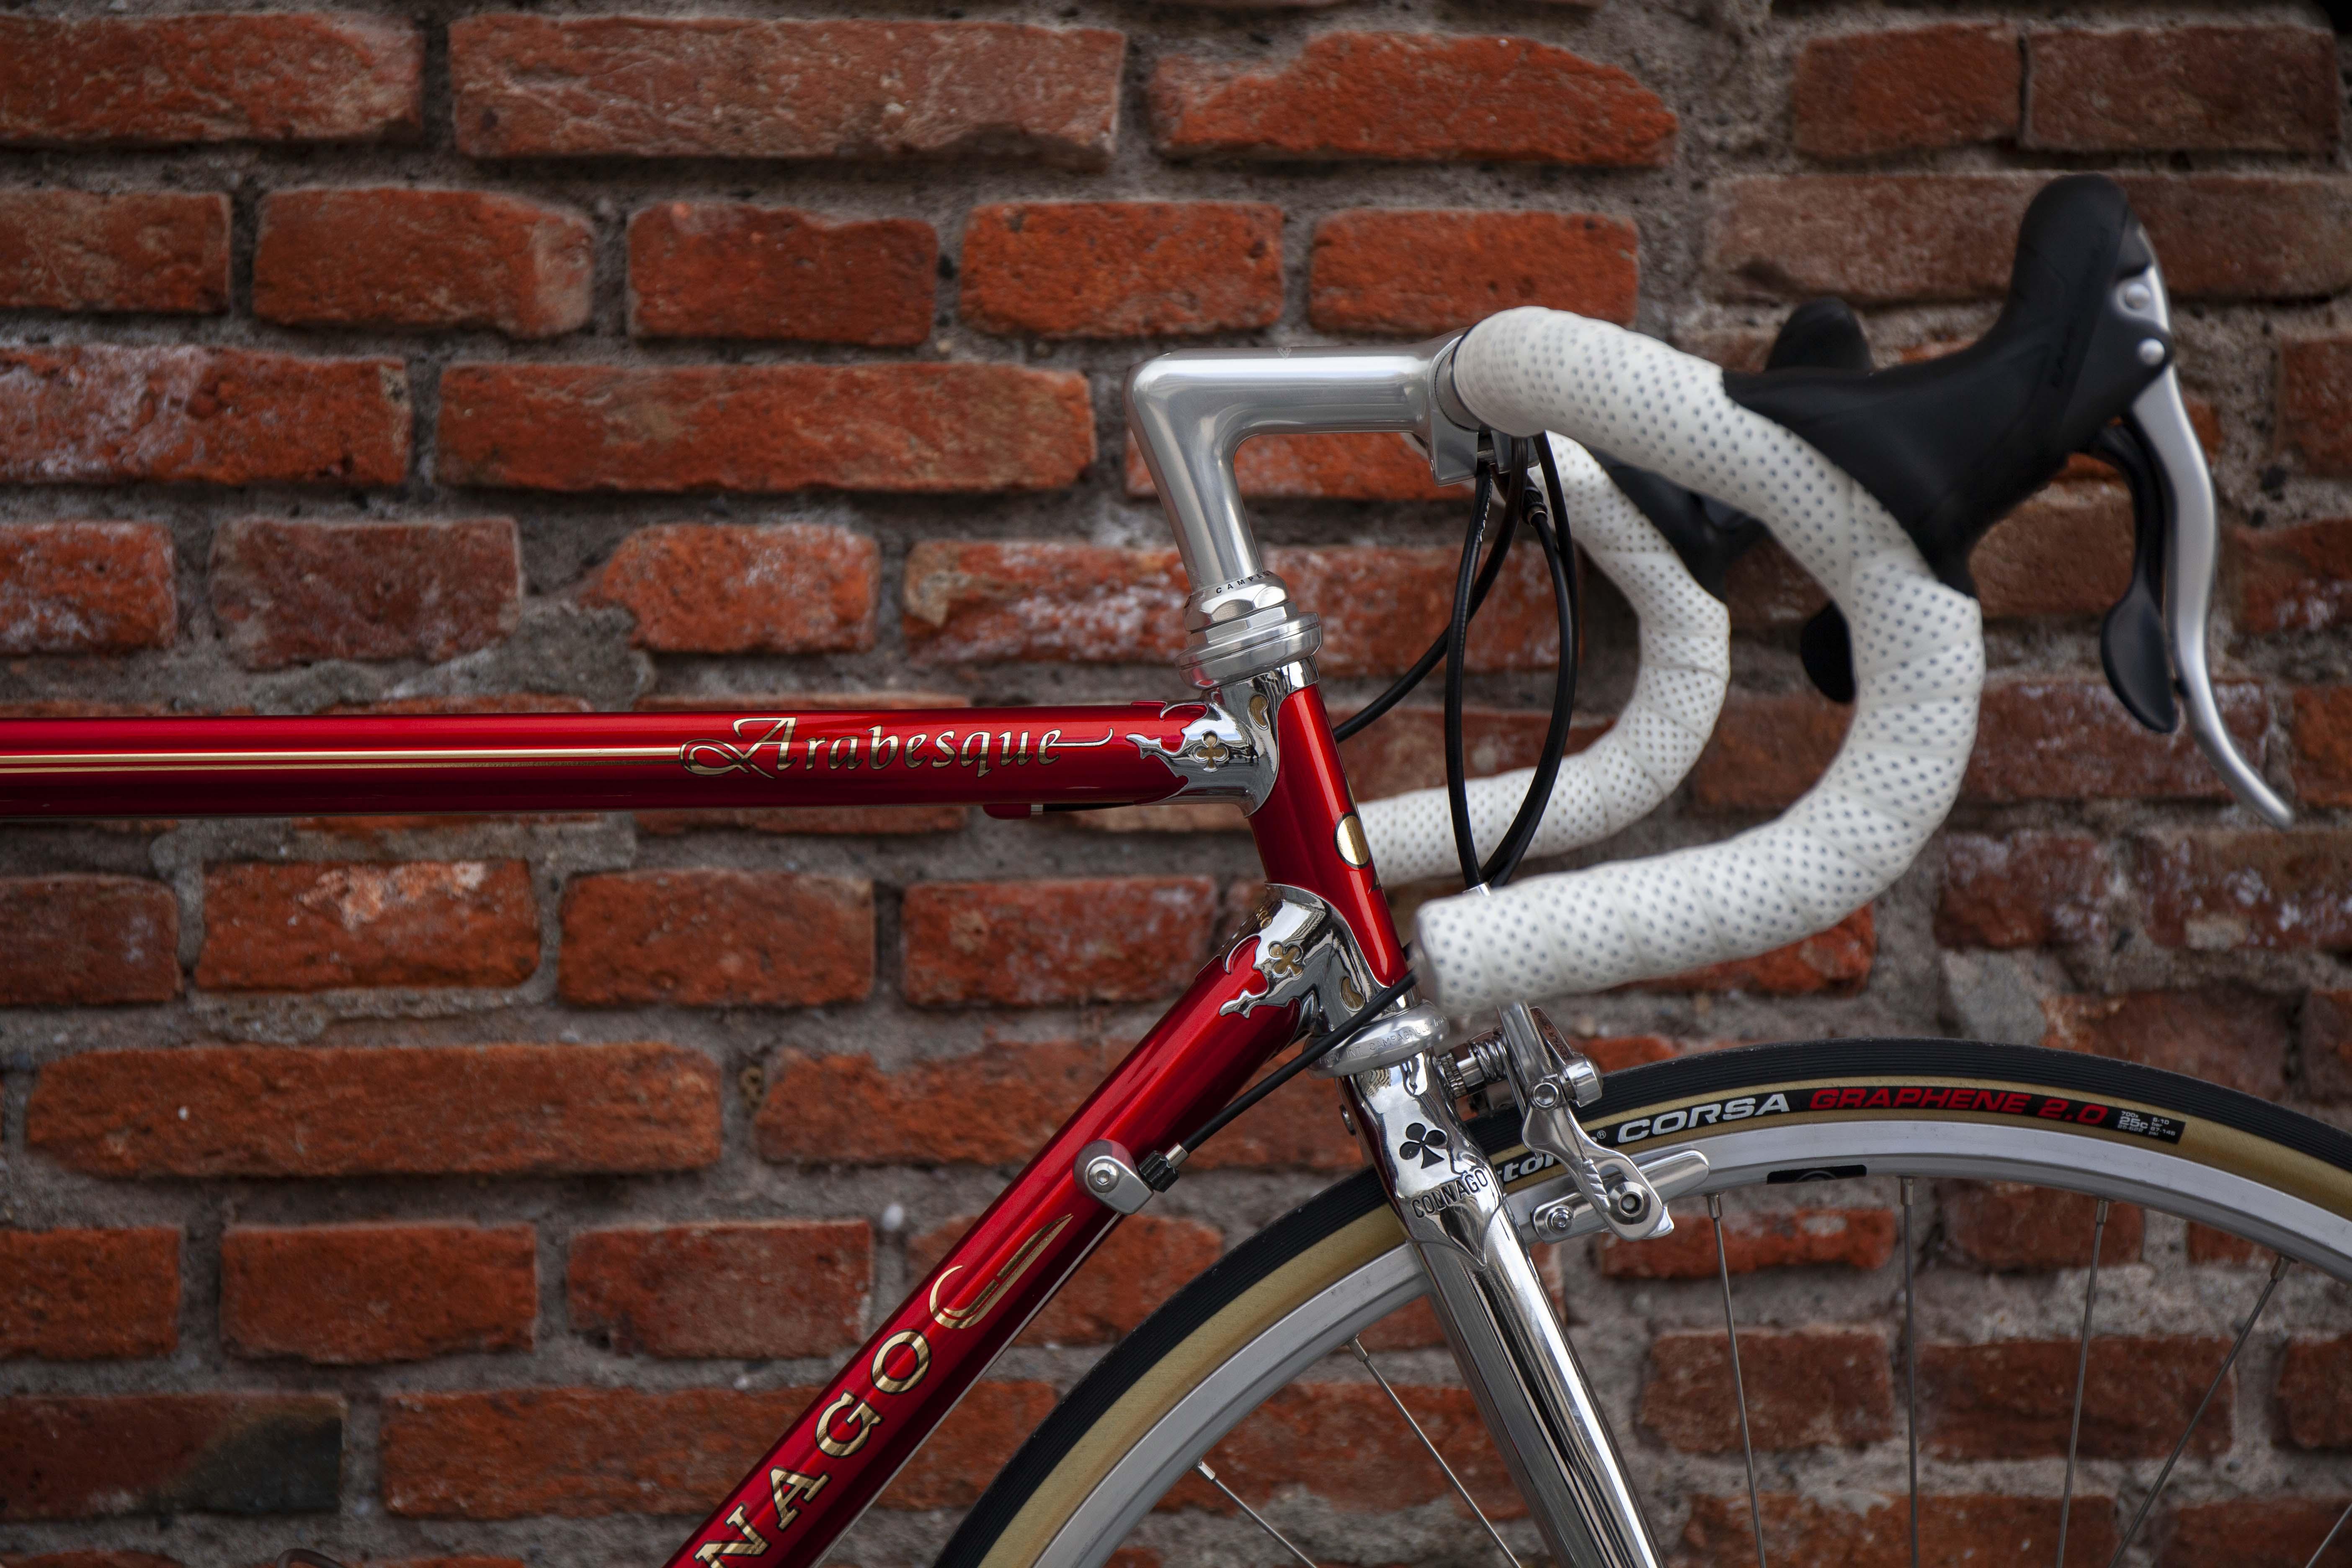 Cicli Corsa Colnago Arabesque Centaur classic_6